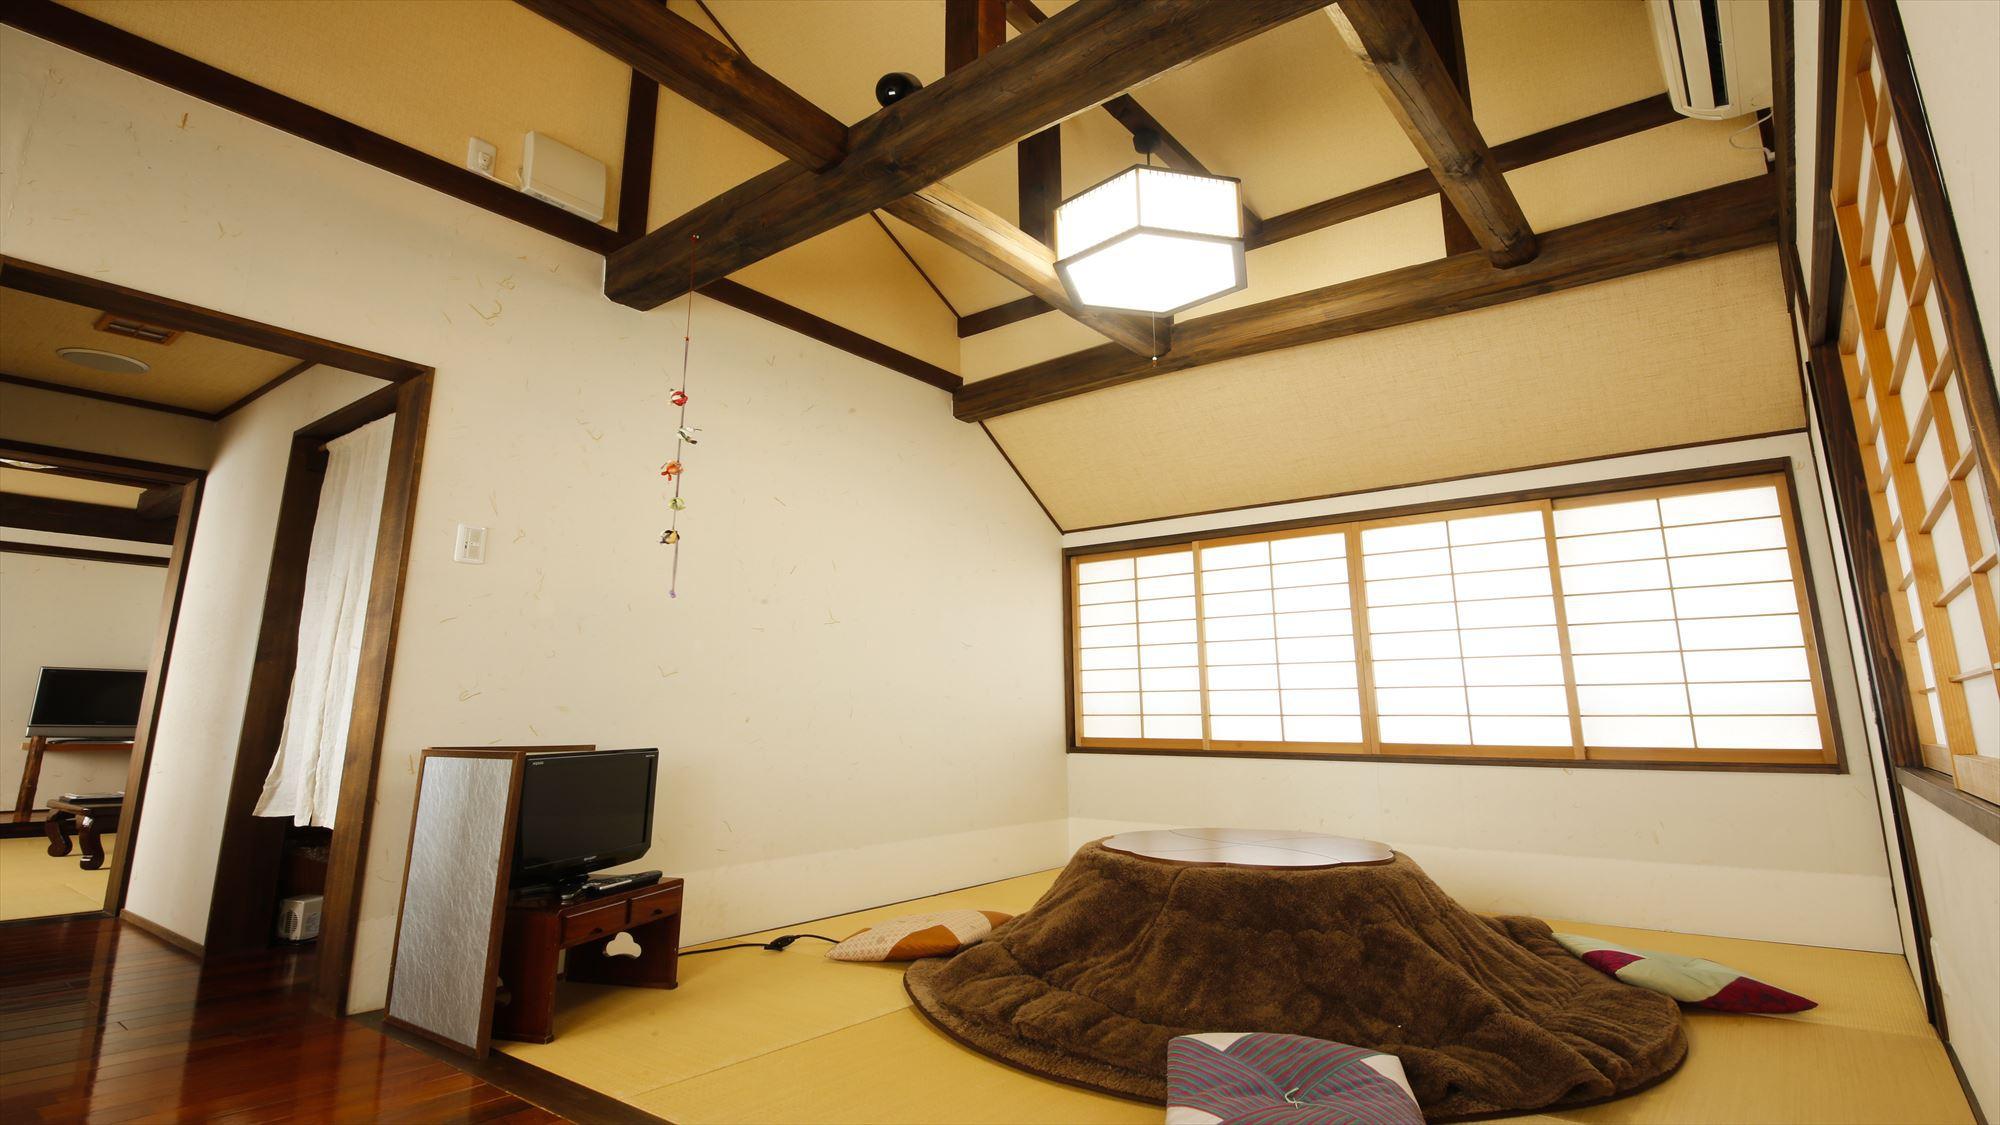 鹿鳴山荘の菖蒲の間はお部屋入り口から専用階段を上る2階に位置